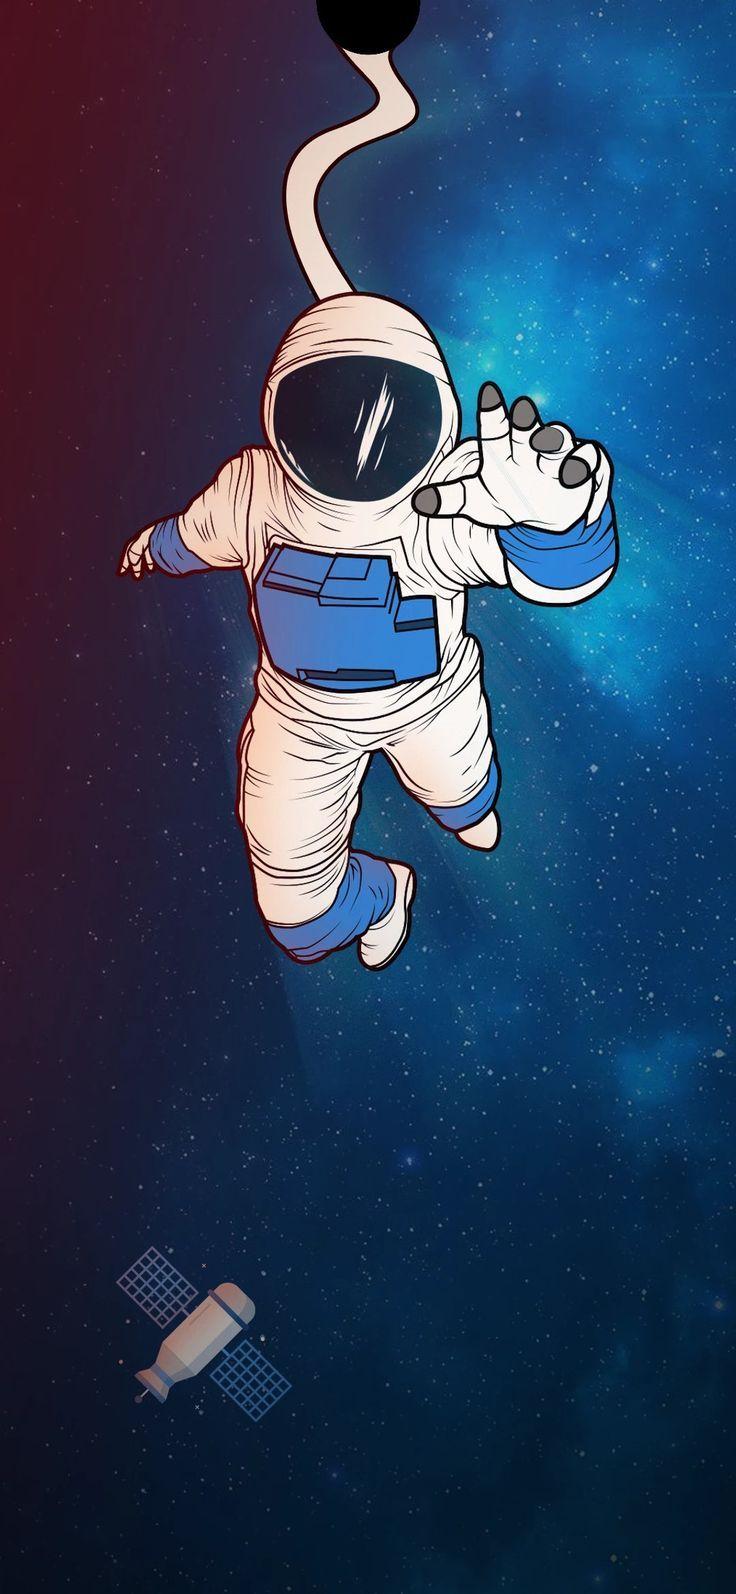 Best Notch Wallpaper 4k Astronaut Wallpaper Wallpaper Space Minimal Wallpaper